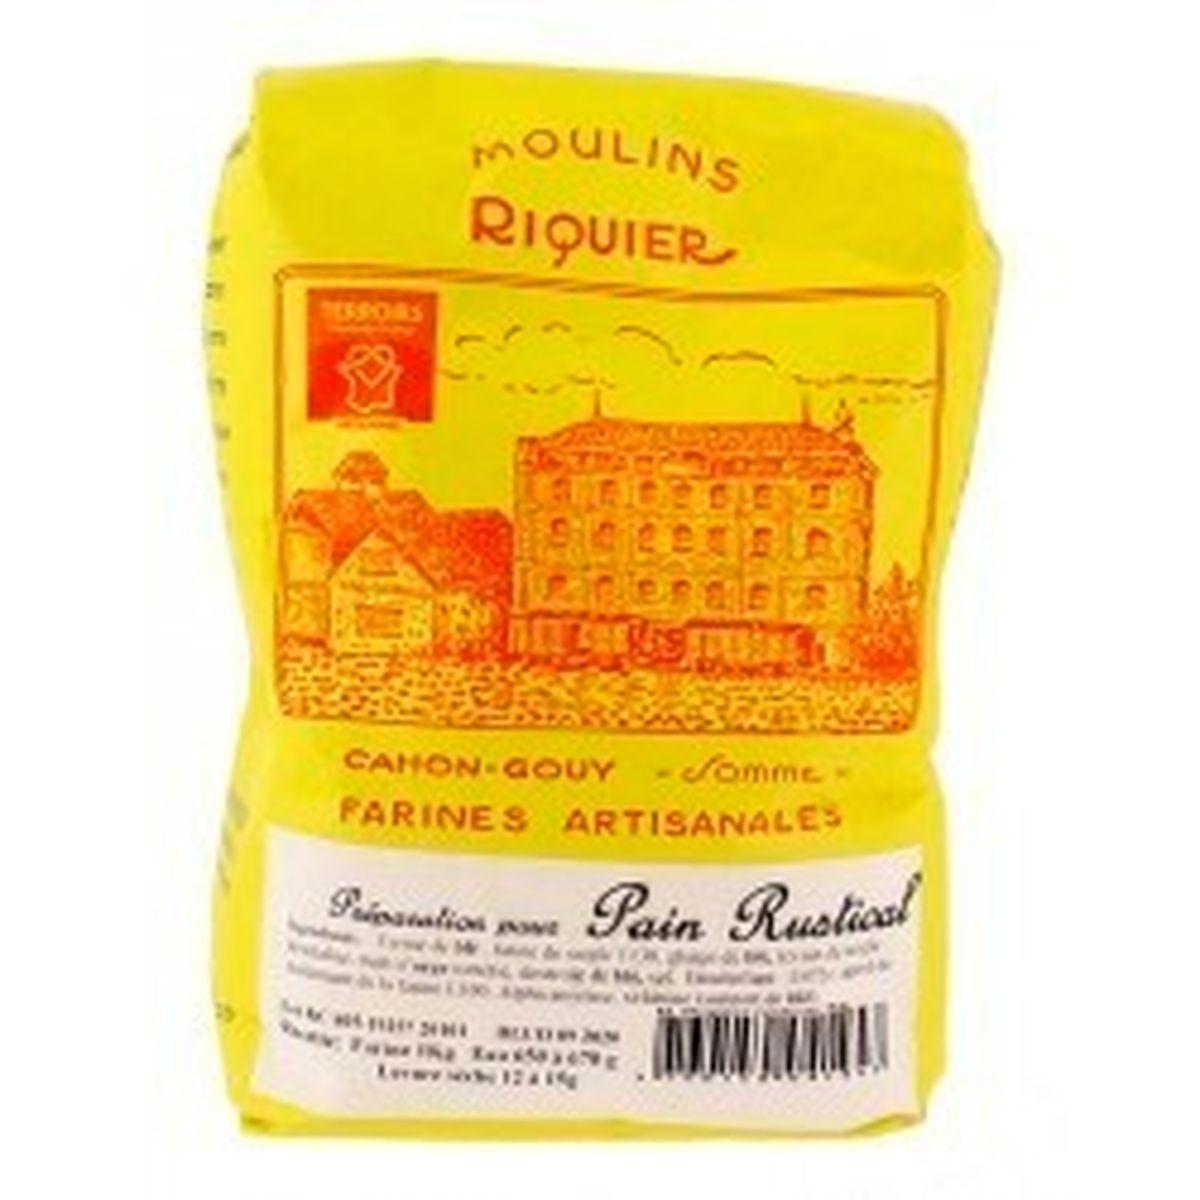 Préparation pour pain rustical 1 kg - Moulins Riquier